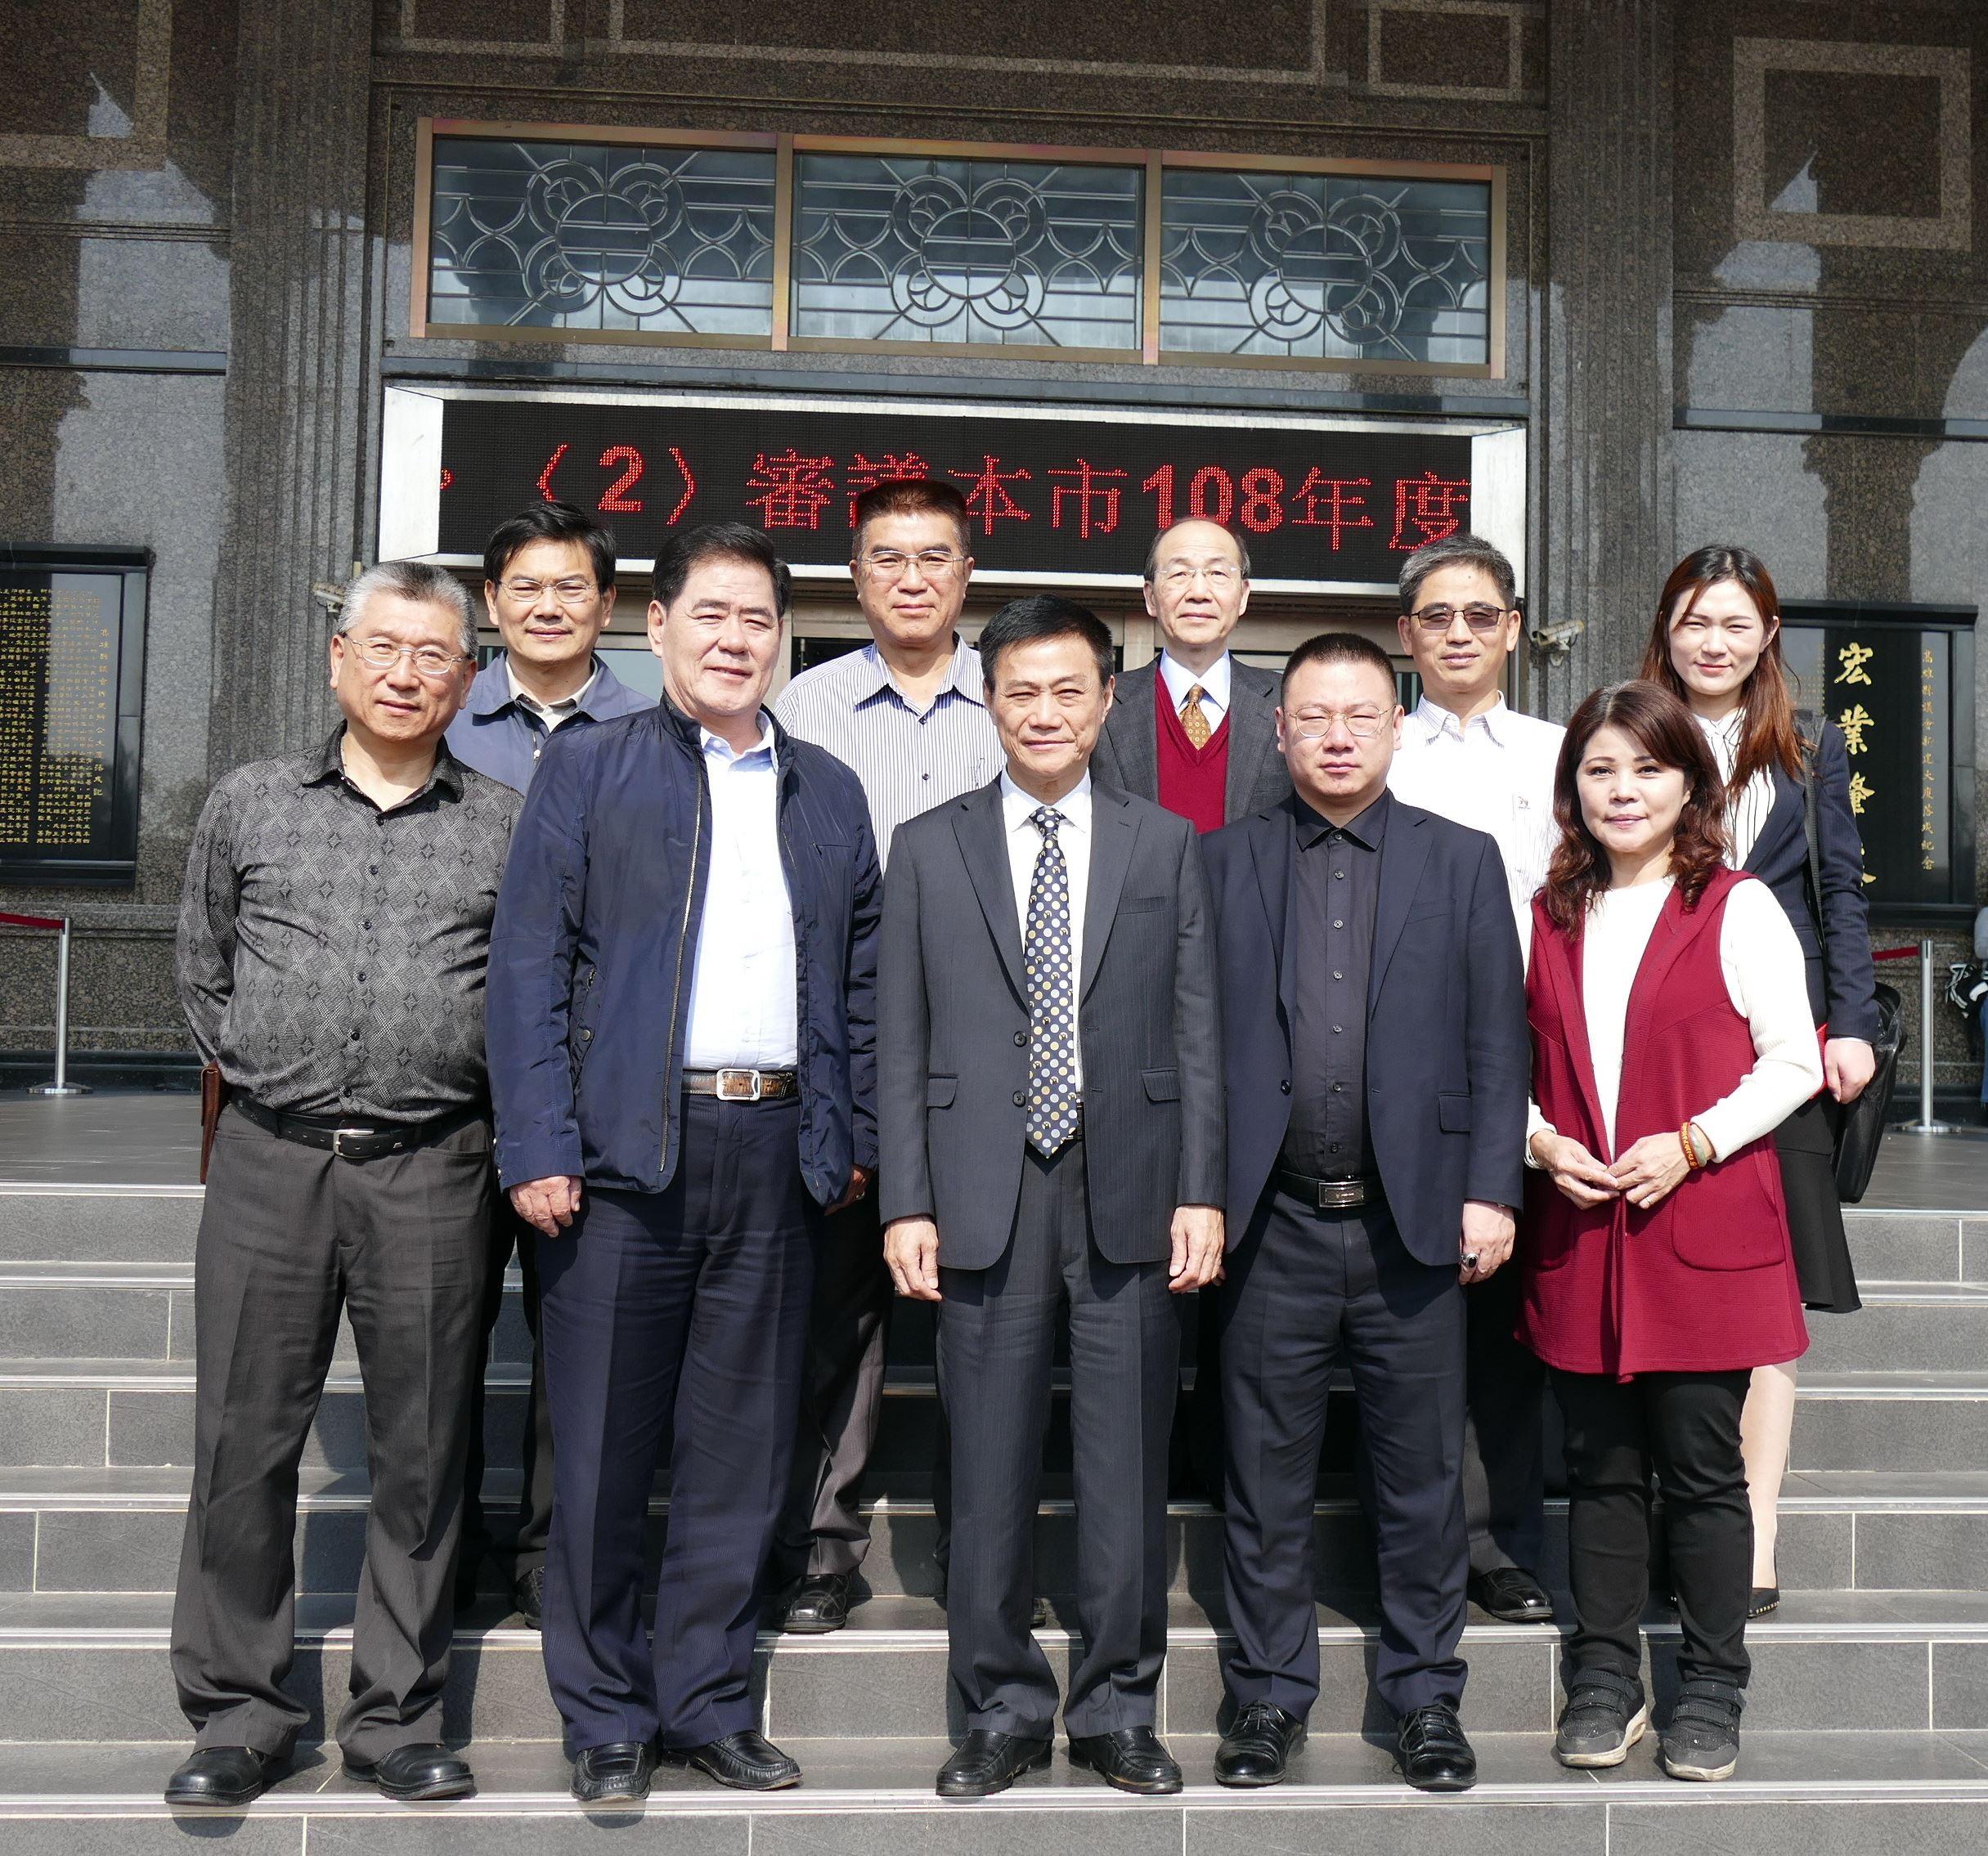 北京廠商尋求投資高雄循環經濟之商機